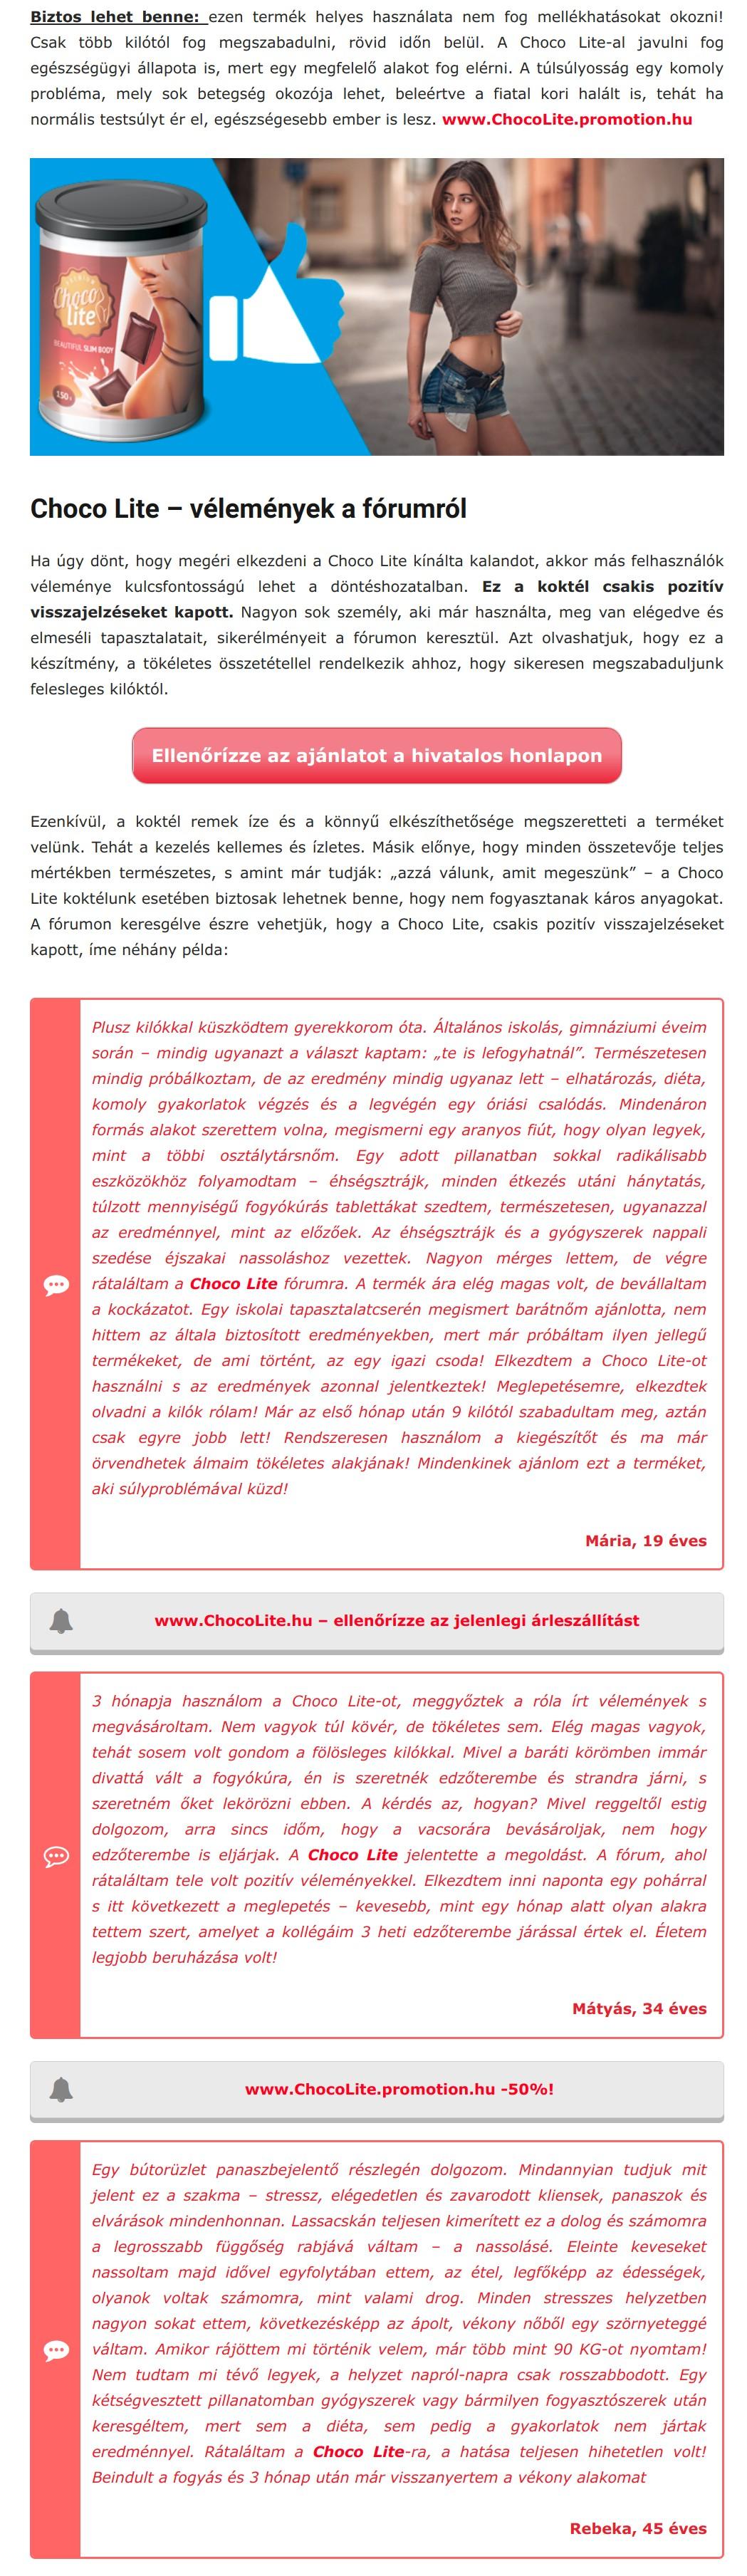 informális levél arról, hogyan lehet lefogyni)